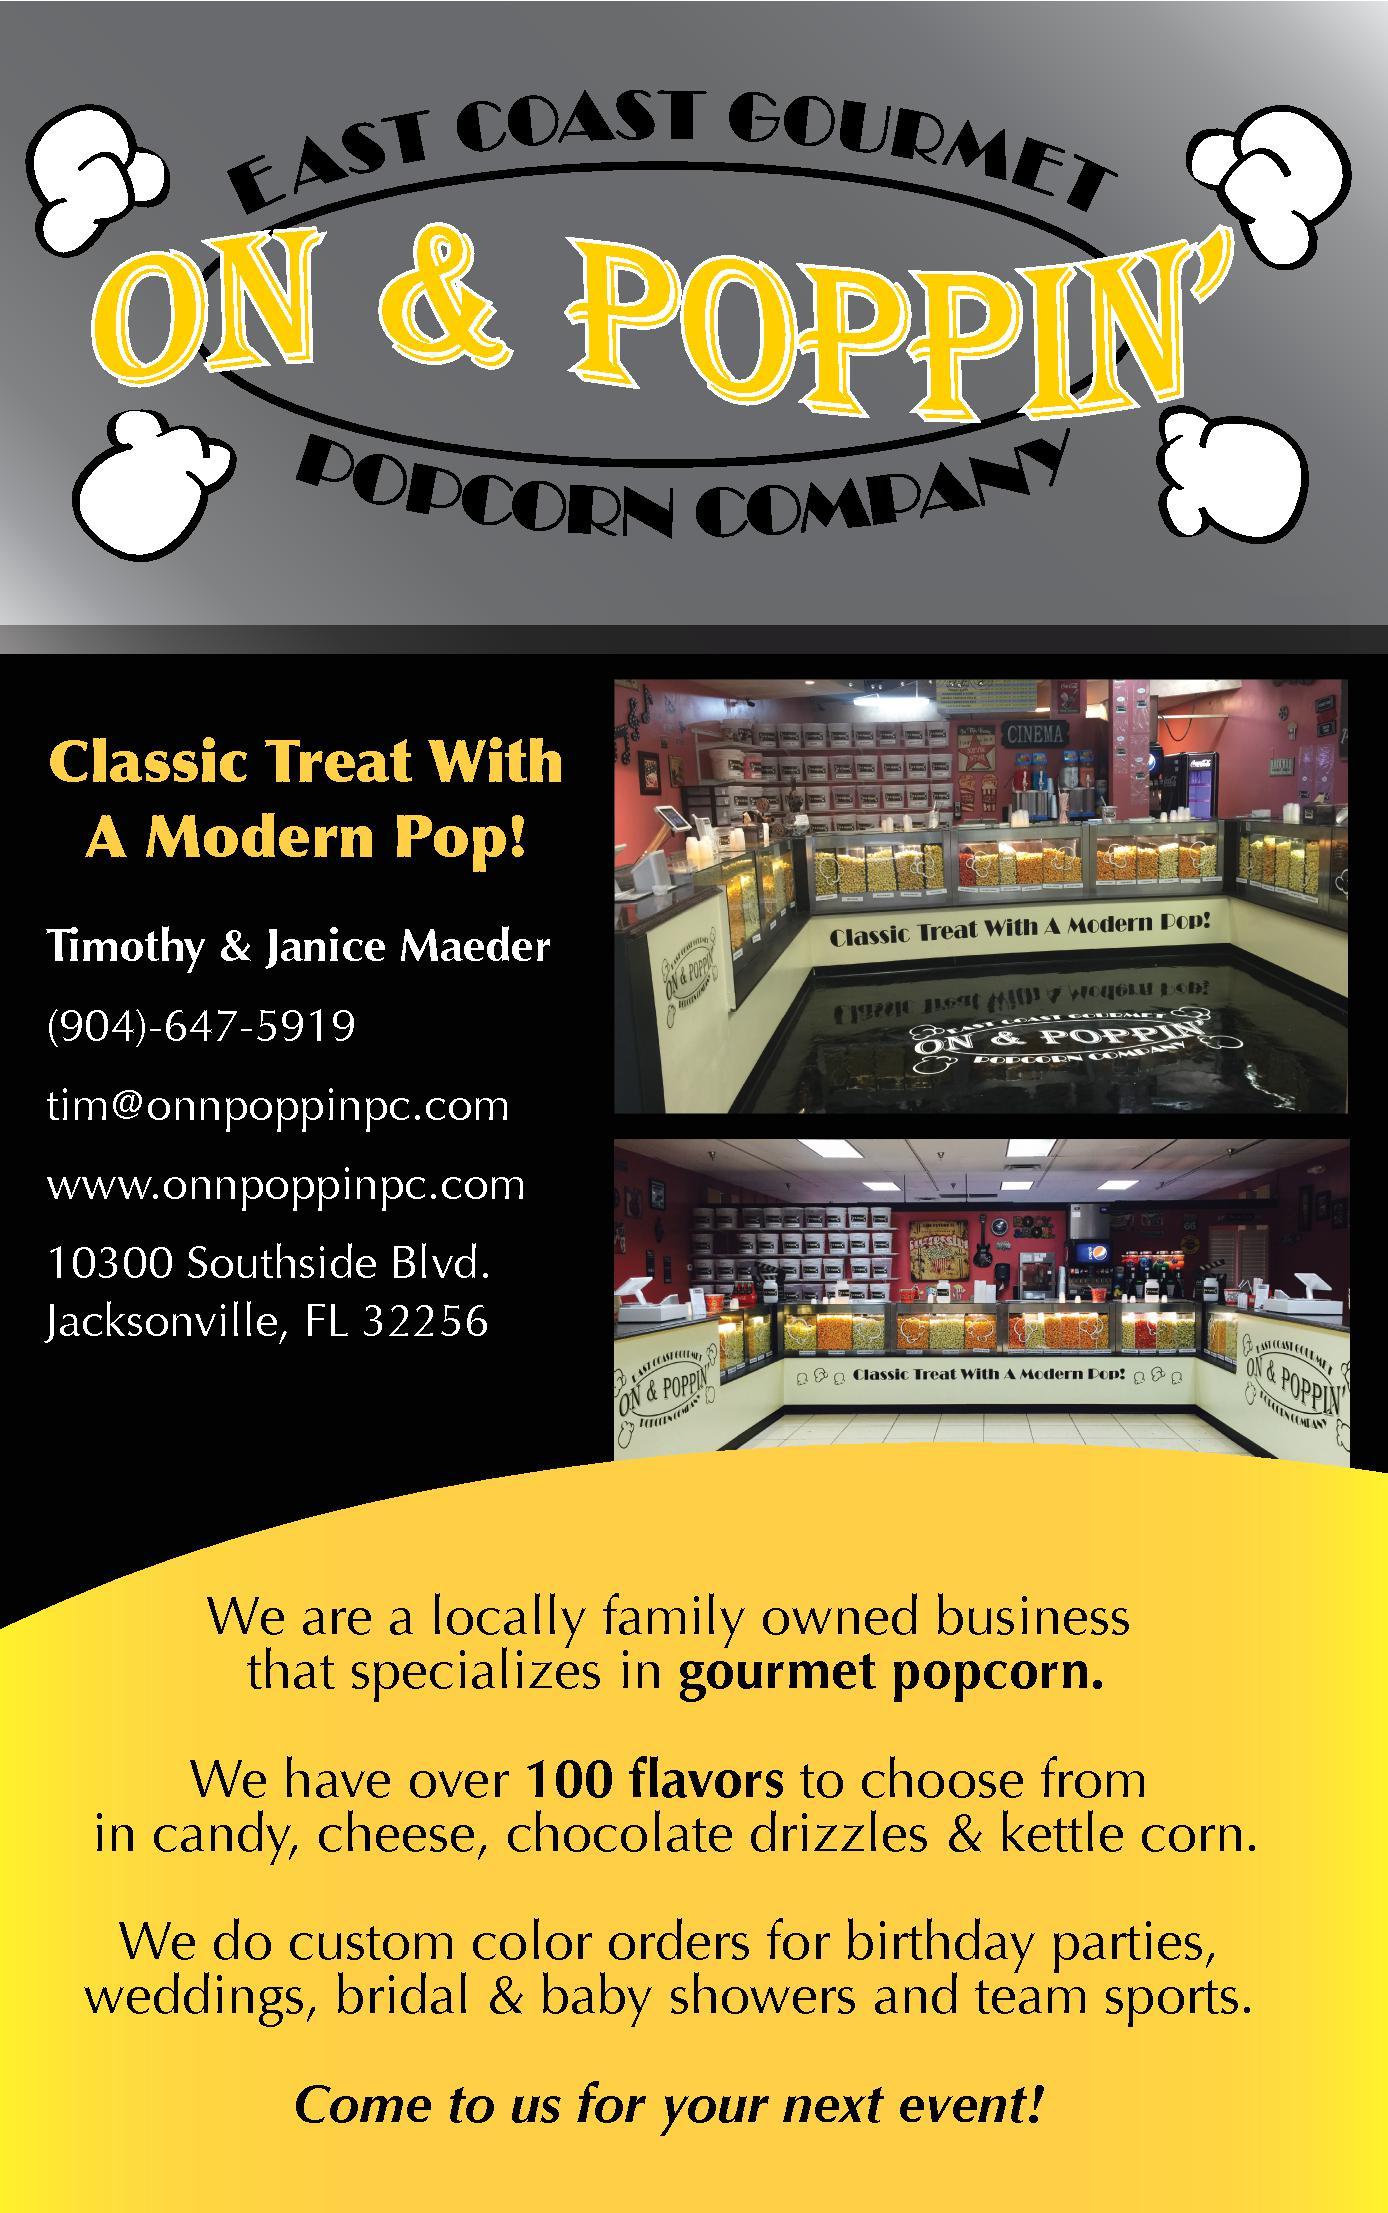 On & Poppin East Coast Gourmet Popcorn Company